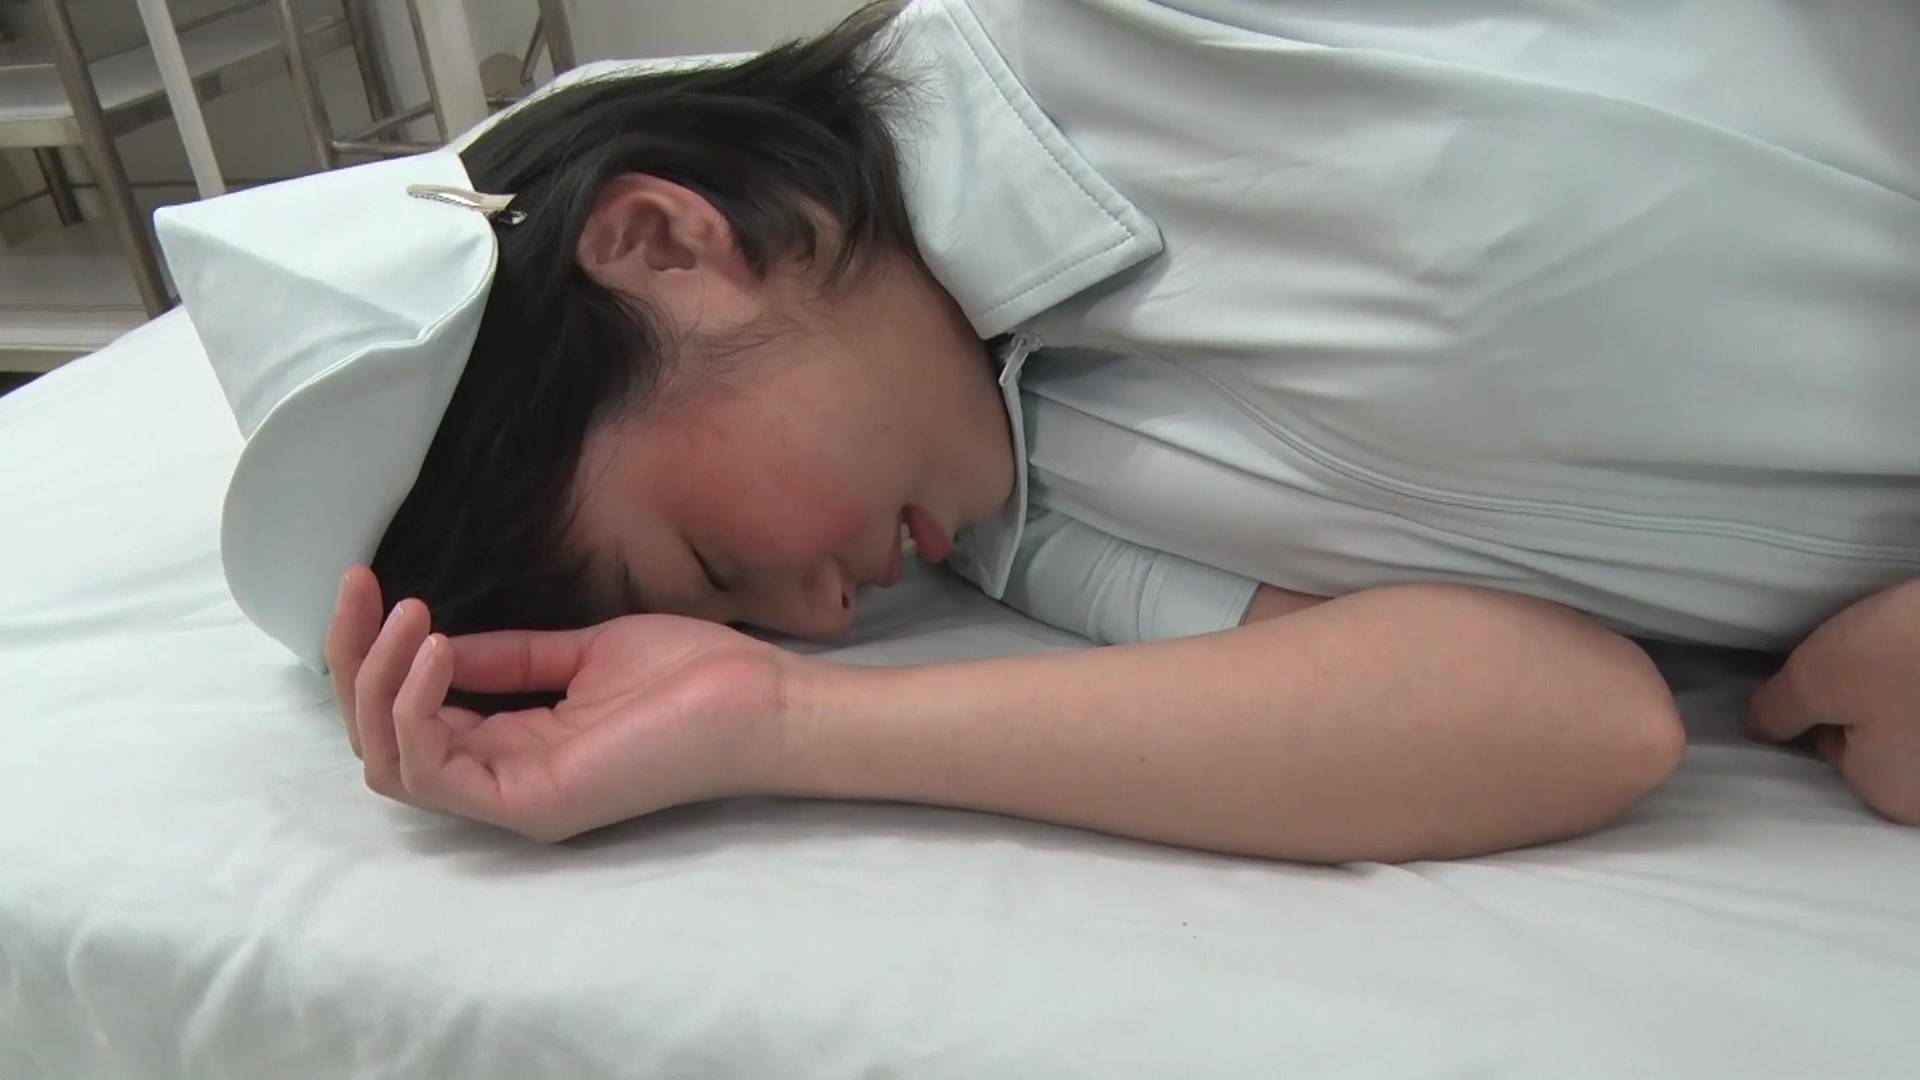 可愛い看護婦さんのお腹を殴ったら最後まで… 1/5 サンプル画像10